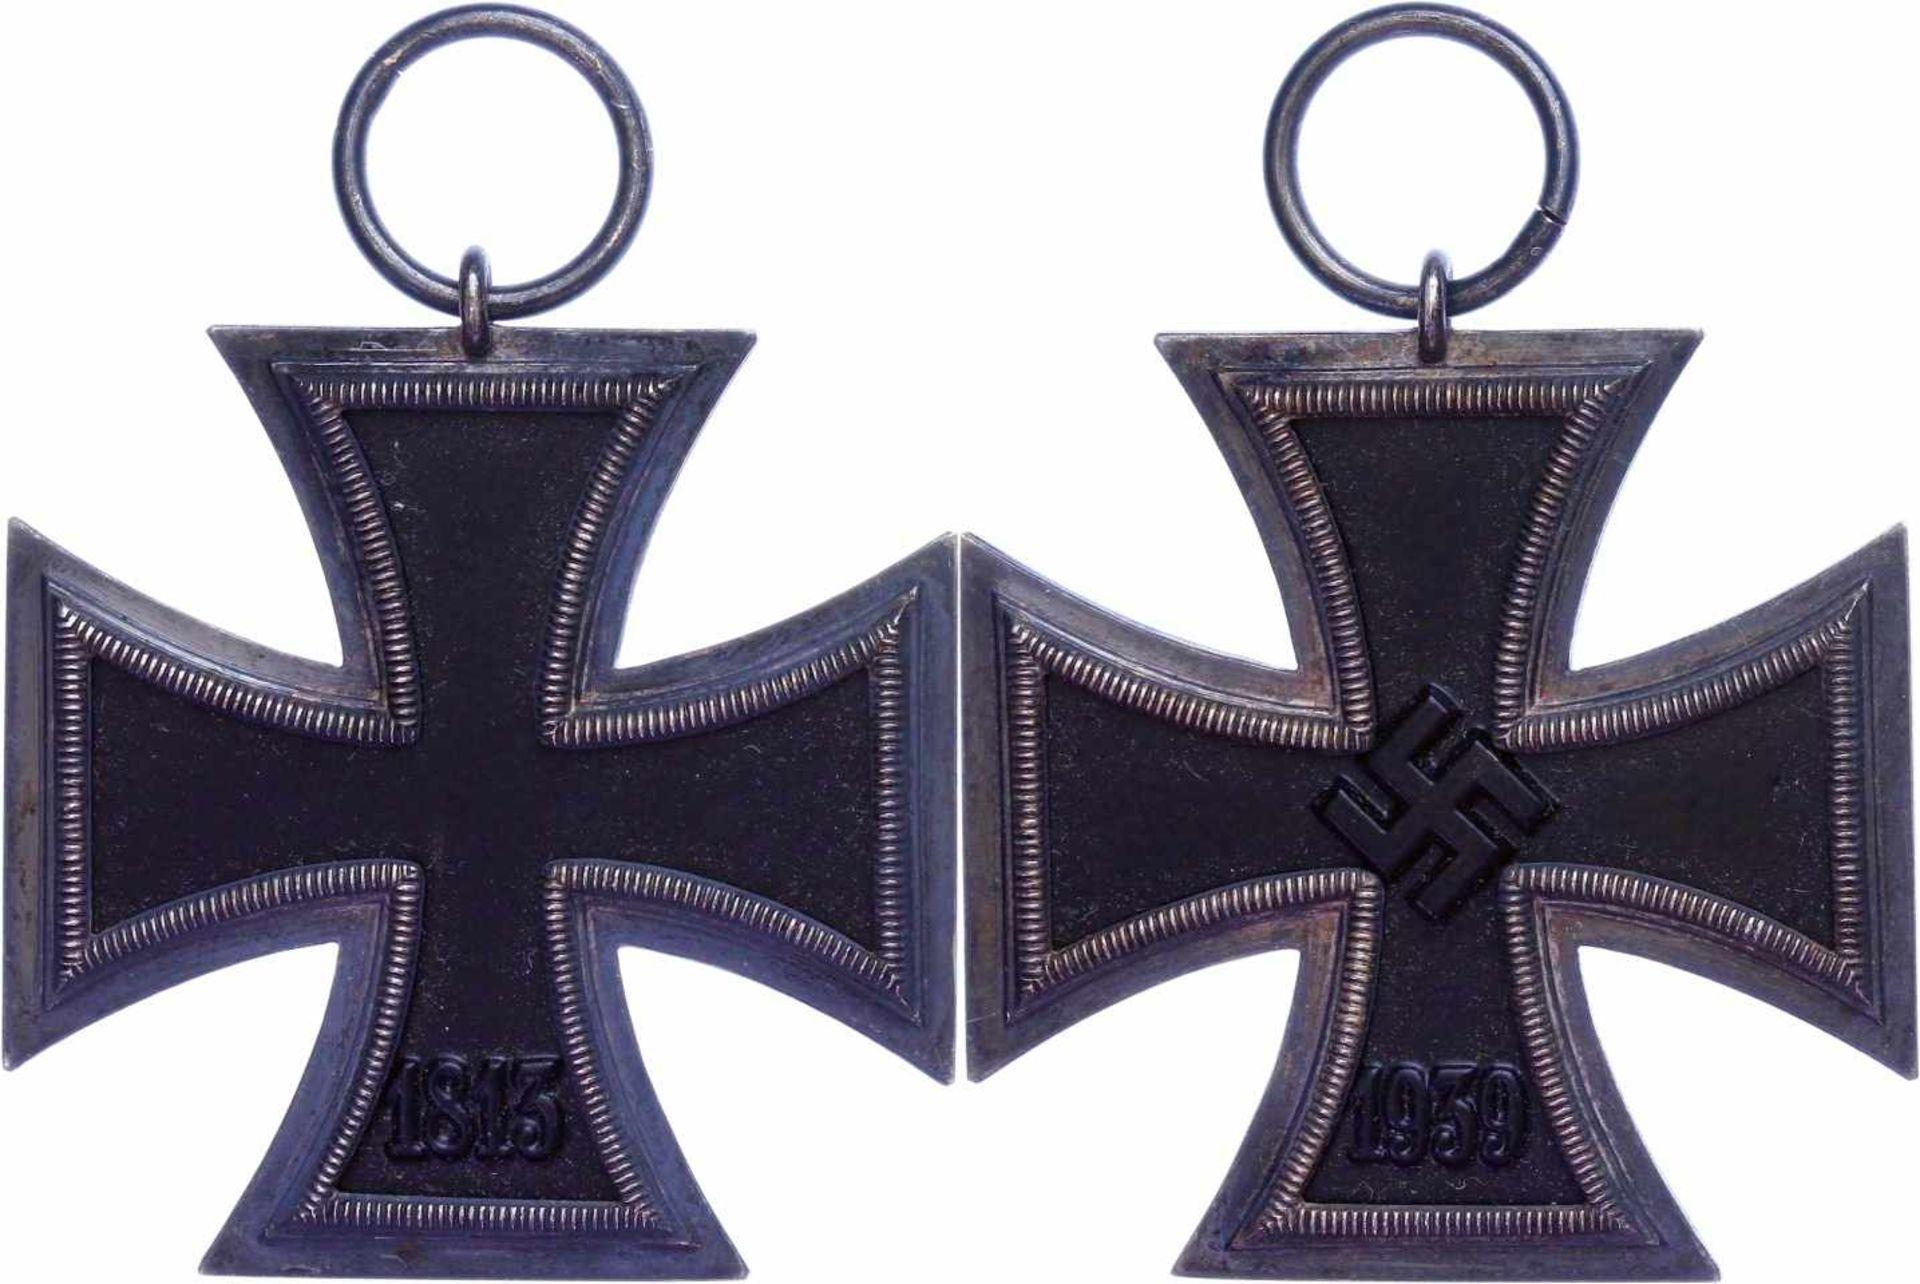 Allg. militärische Auszeichnungen 2. Weltkrieg Eisernes Kreuz 1939, 2. Klasse, geschwärzter